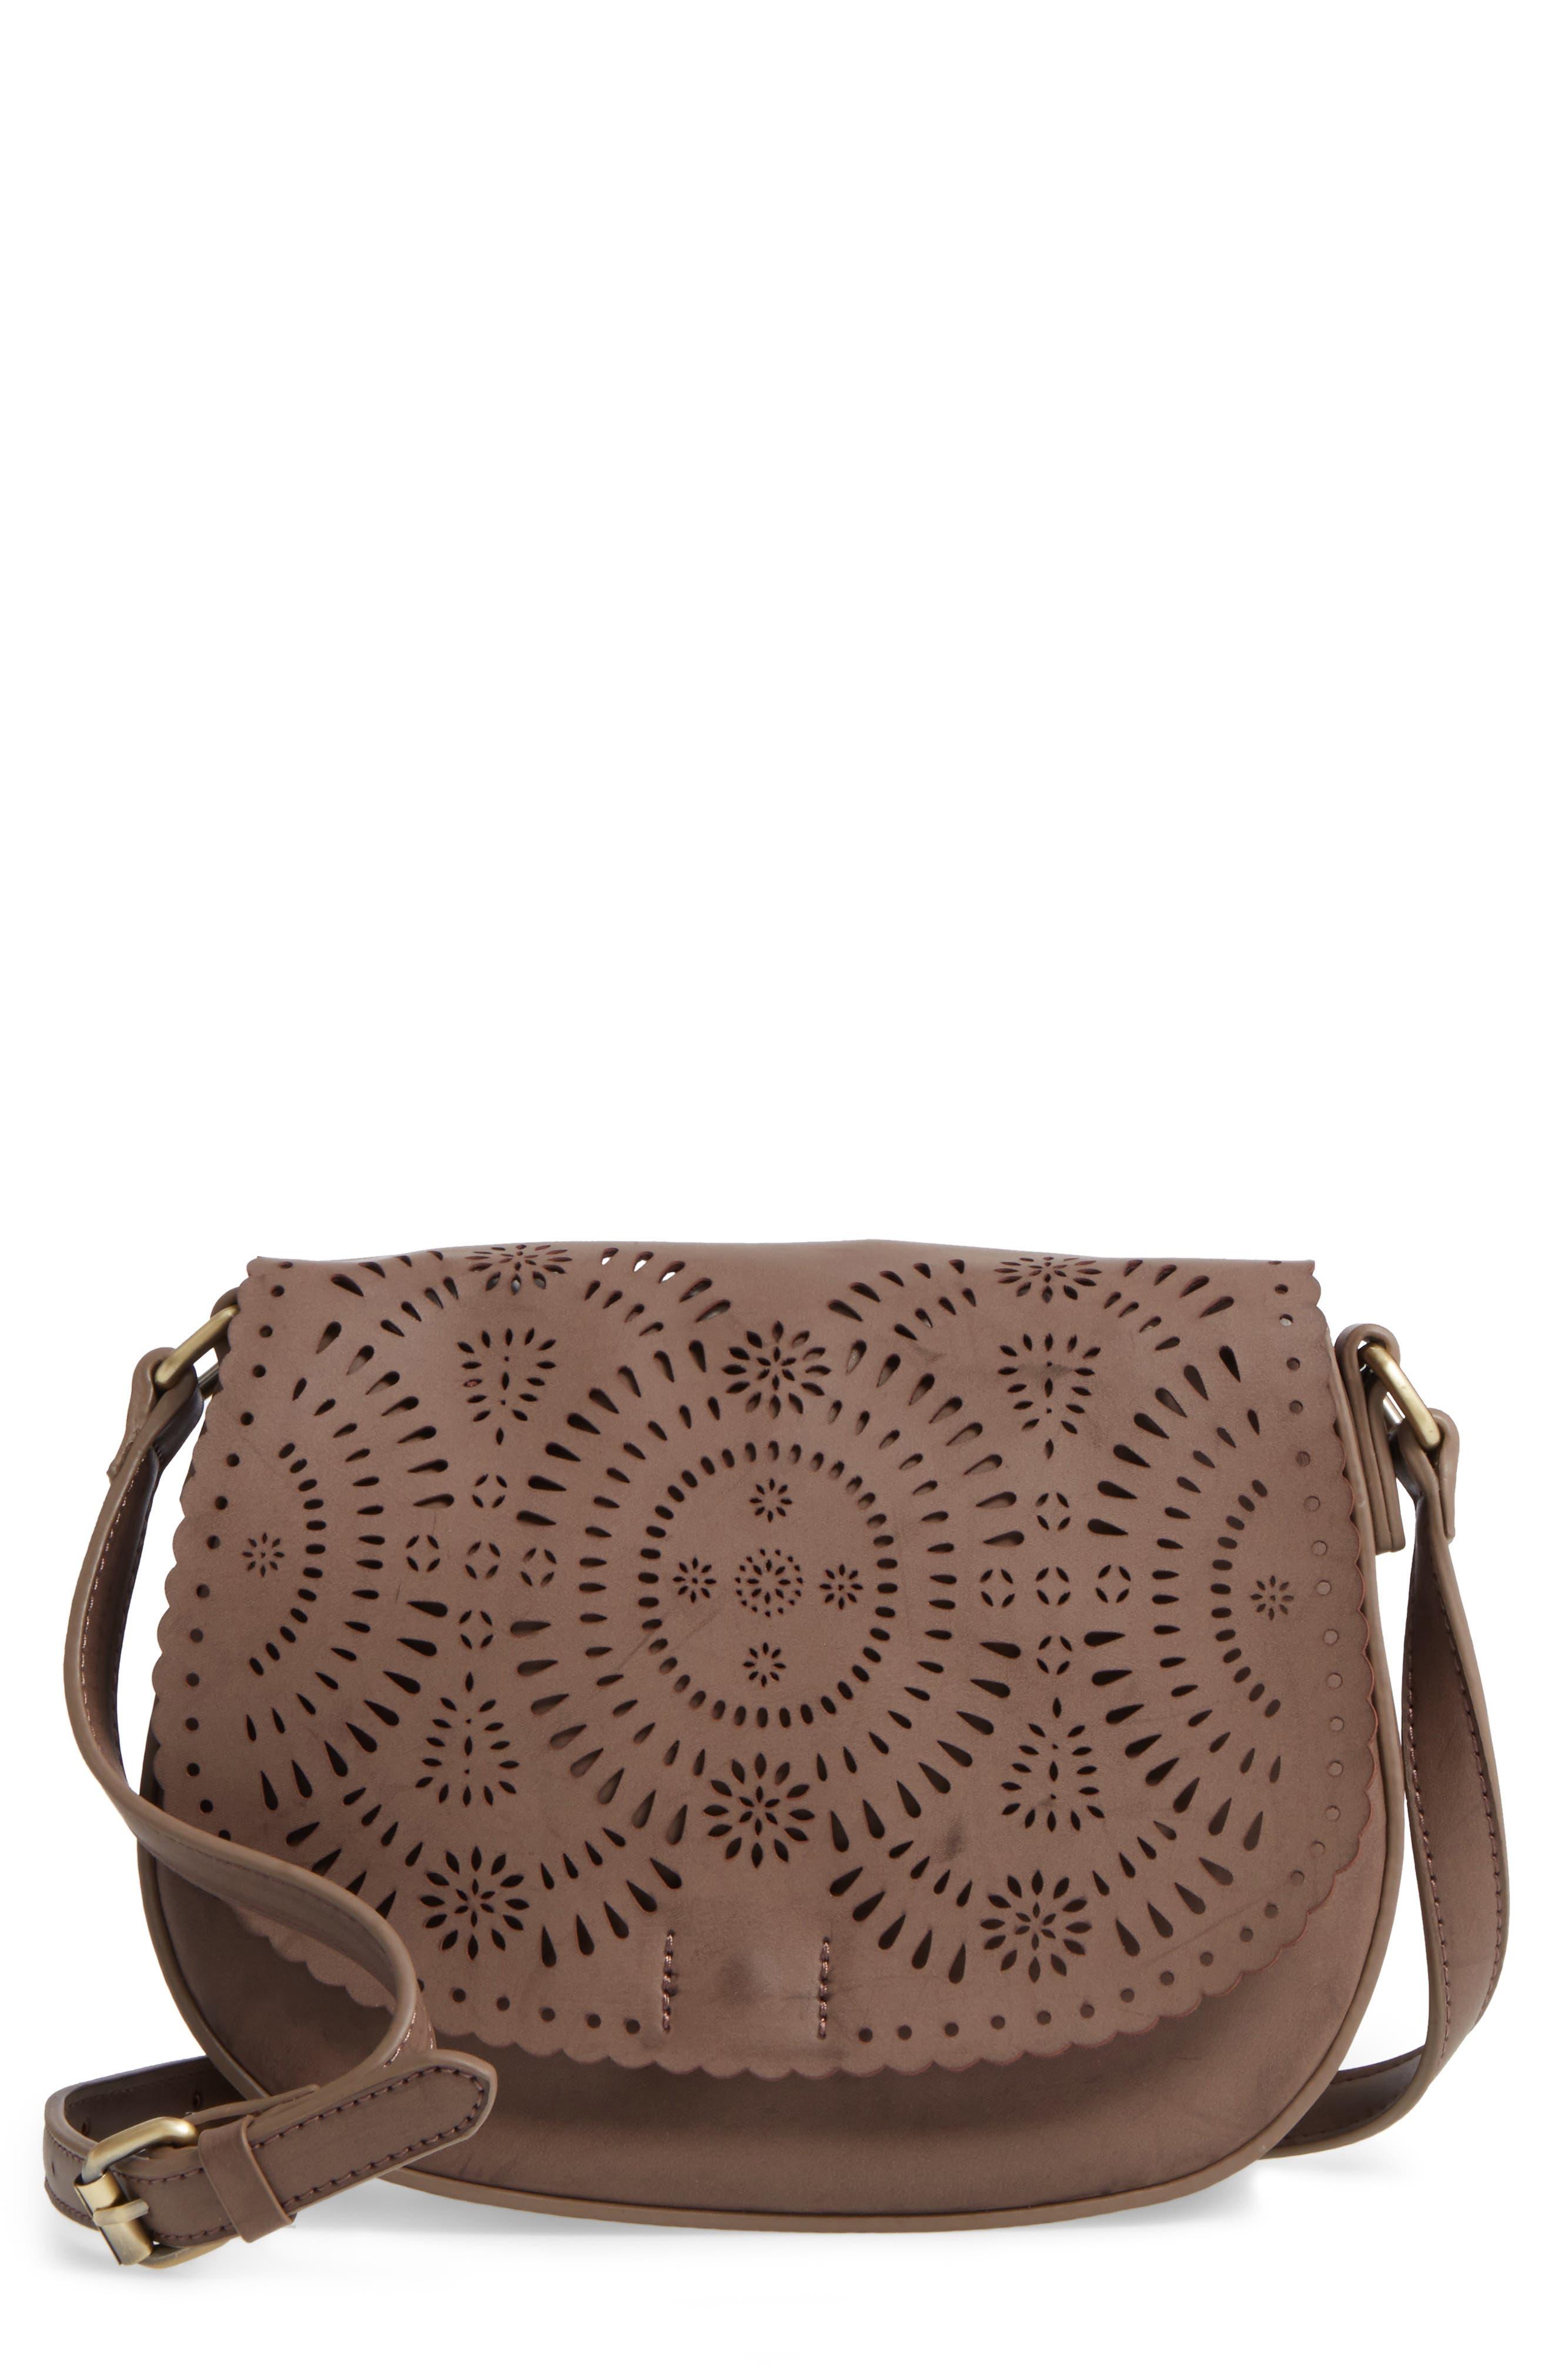 Dakota Faux Leather Saddle Bag,                         Main,                         color, 022